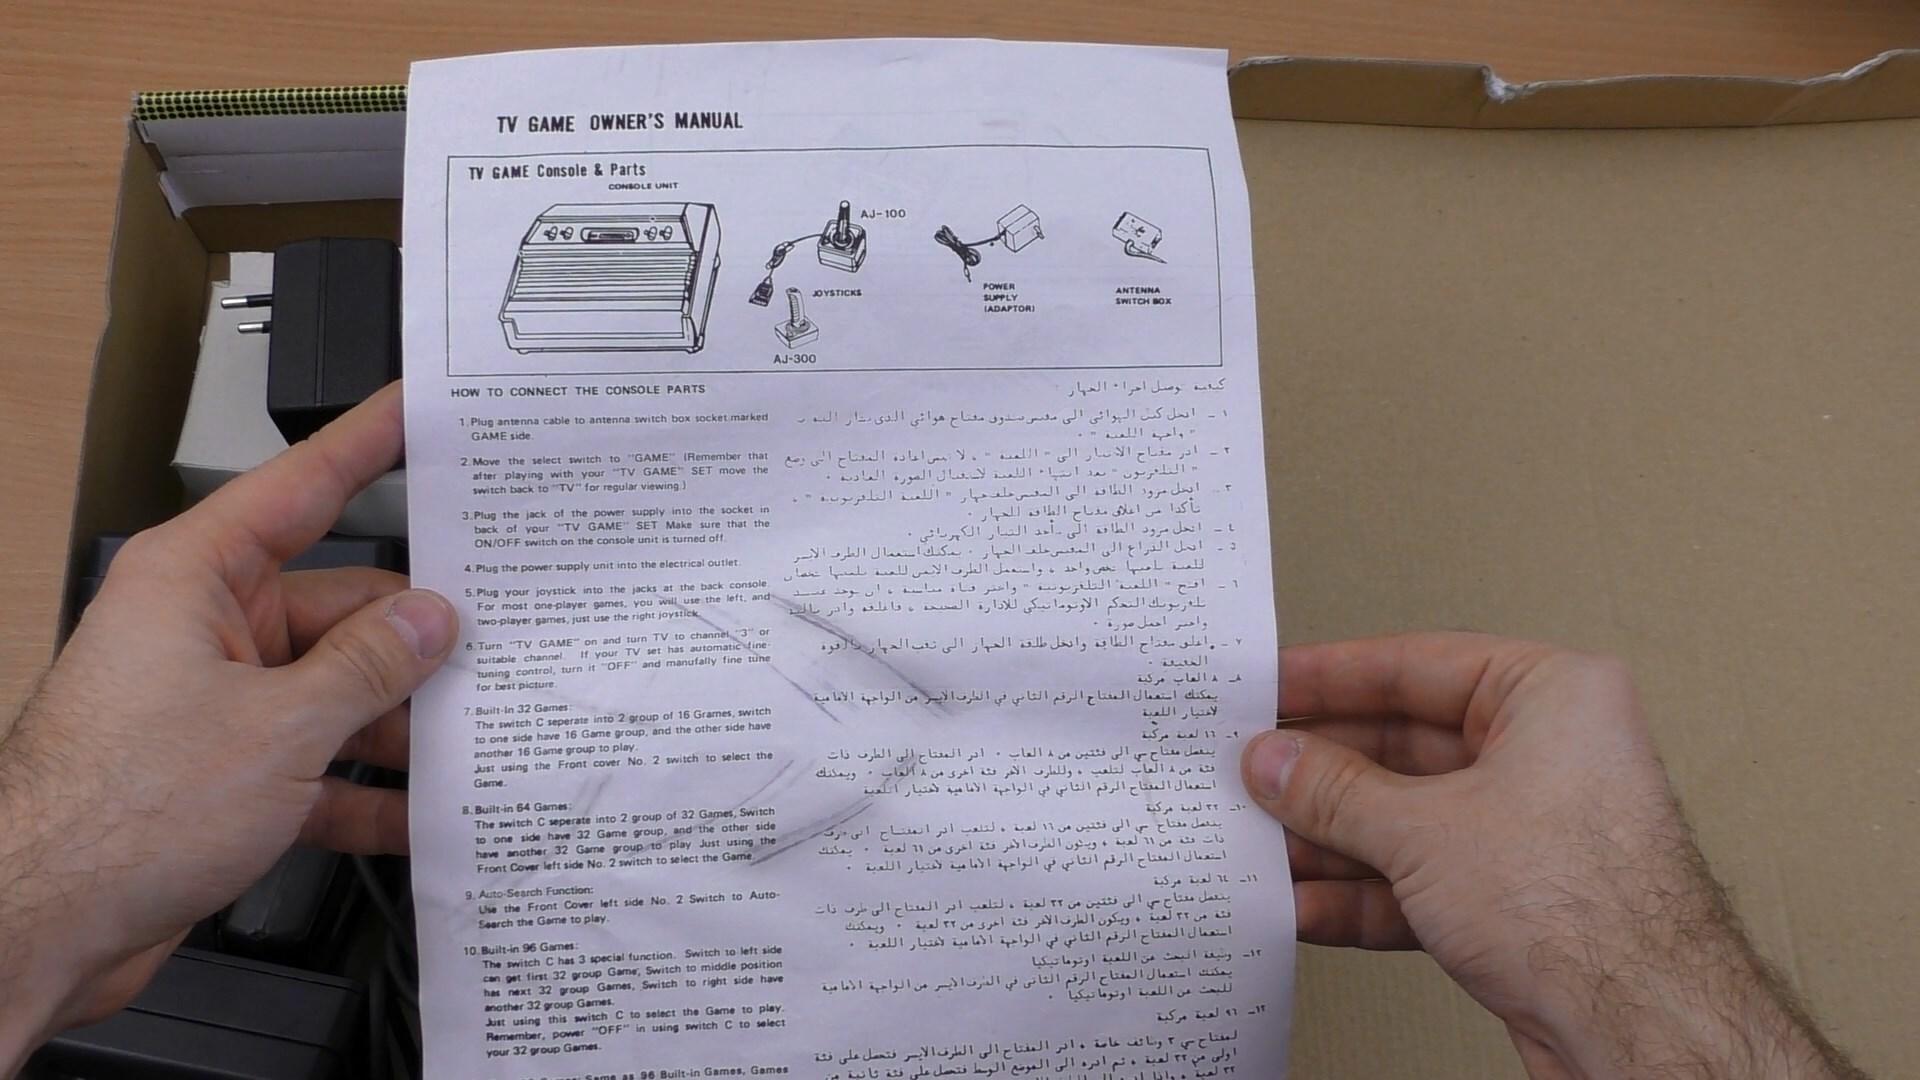 Rambo TV Games (Atari 2600) [статья с кучей фото и капелькой видео] - 5